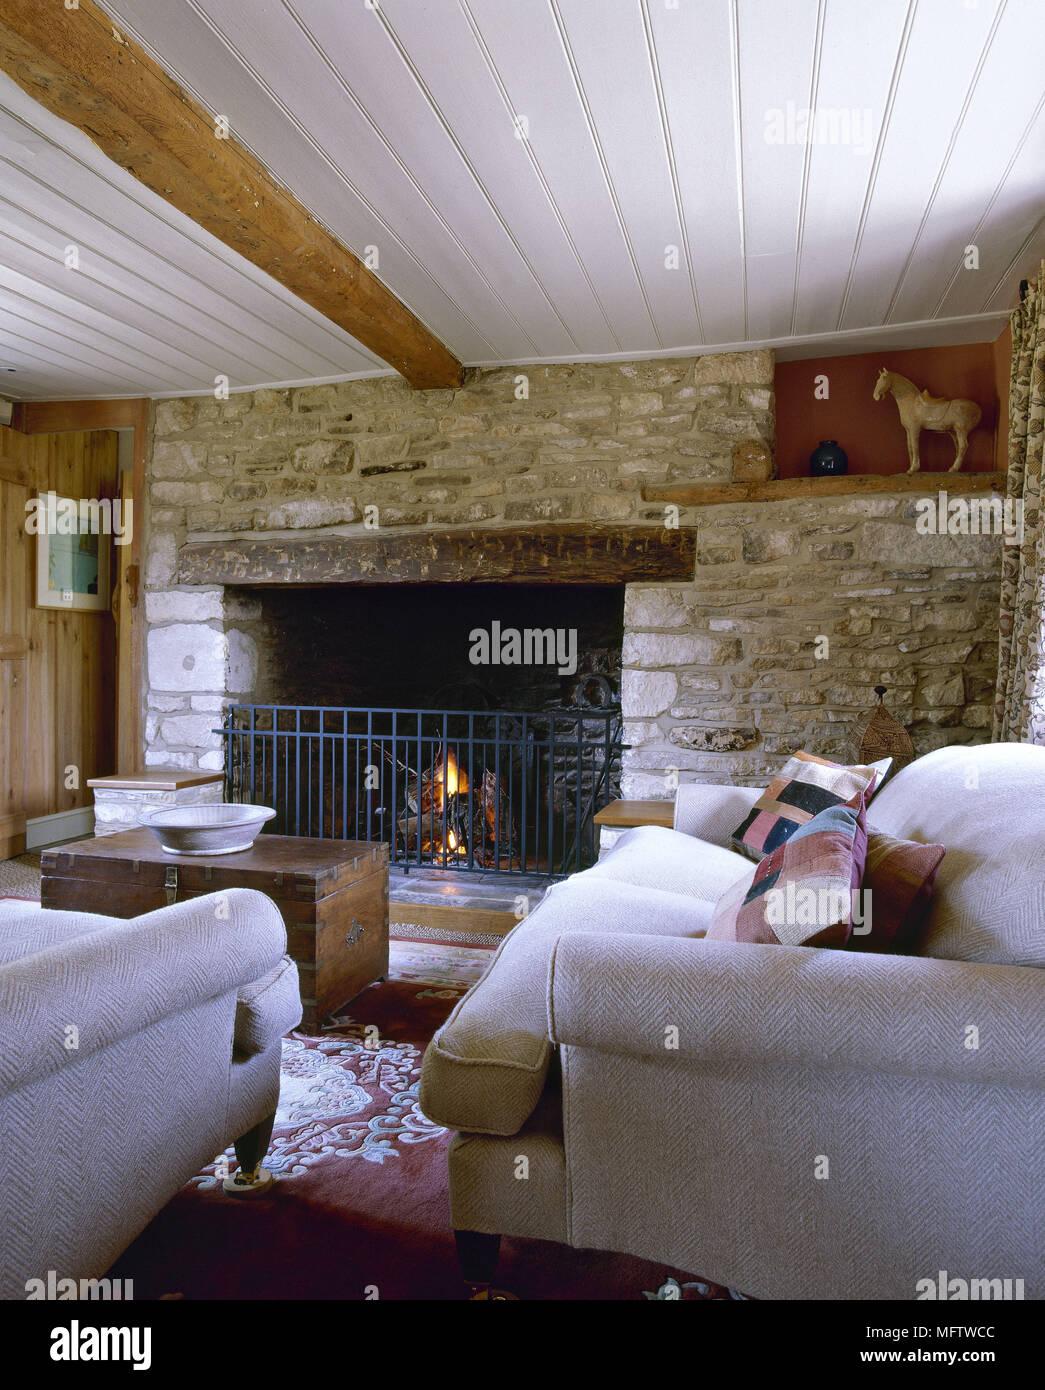 Landhausstil Wohnzimmer Mit Kaminecke Holzdecke Neutral Sofas Lit Fire Stockfotografie Alamy